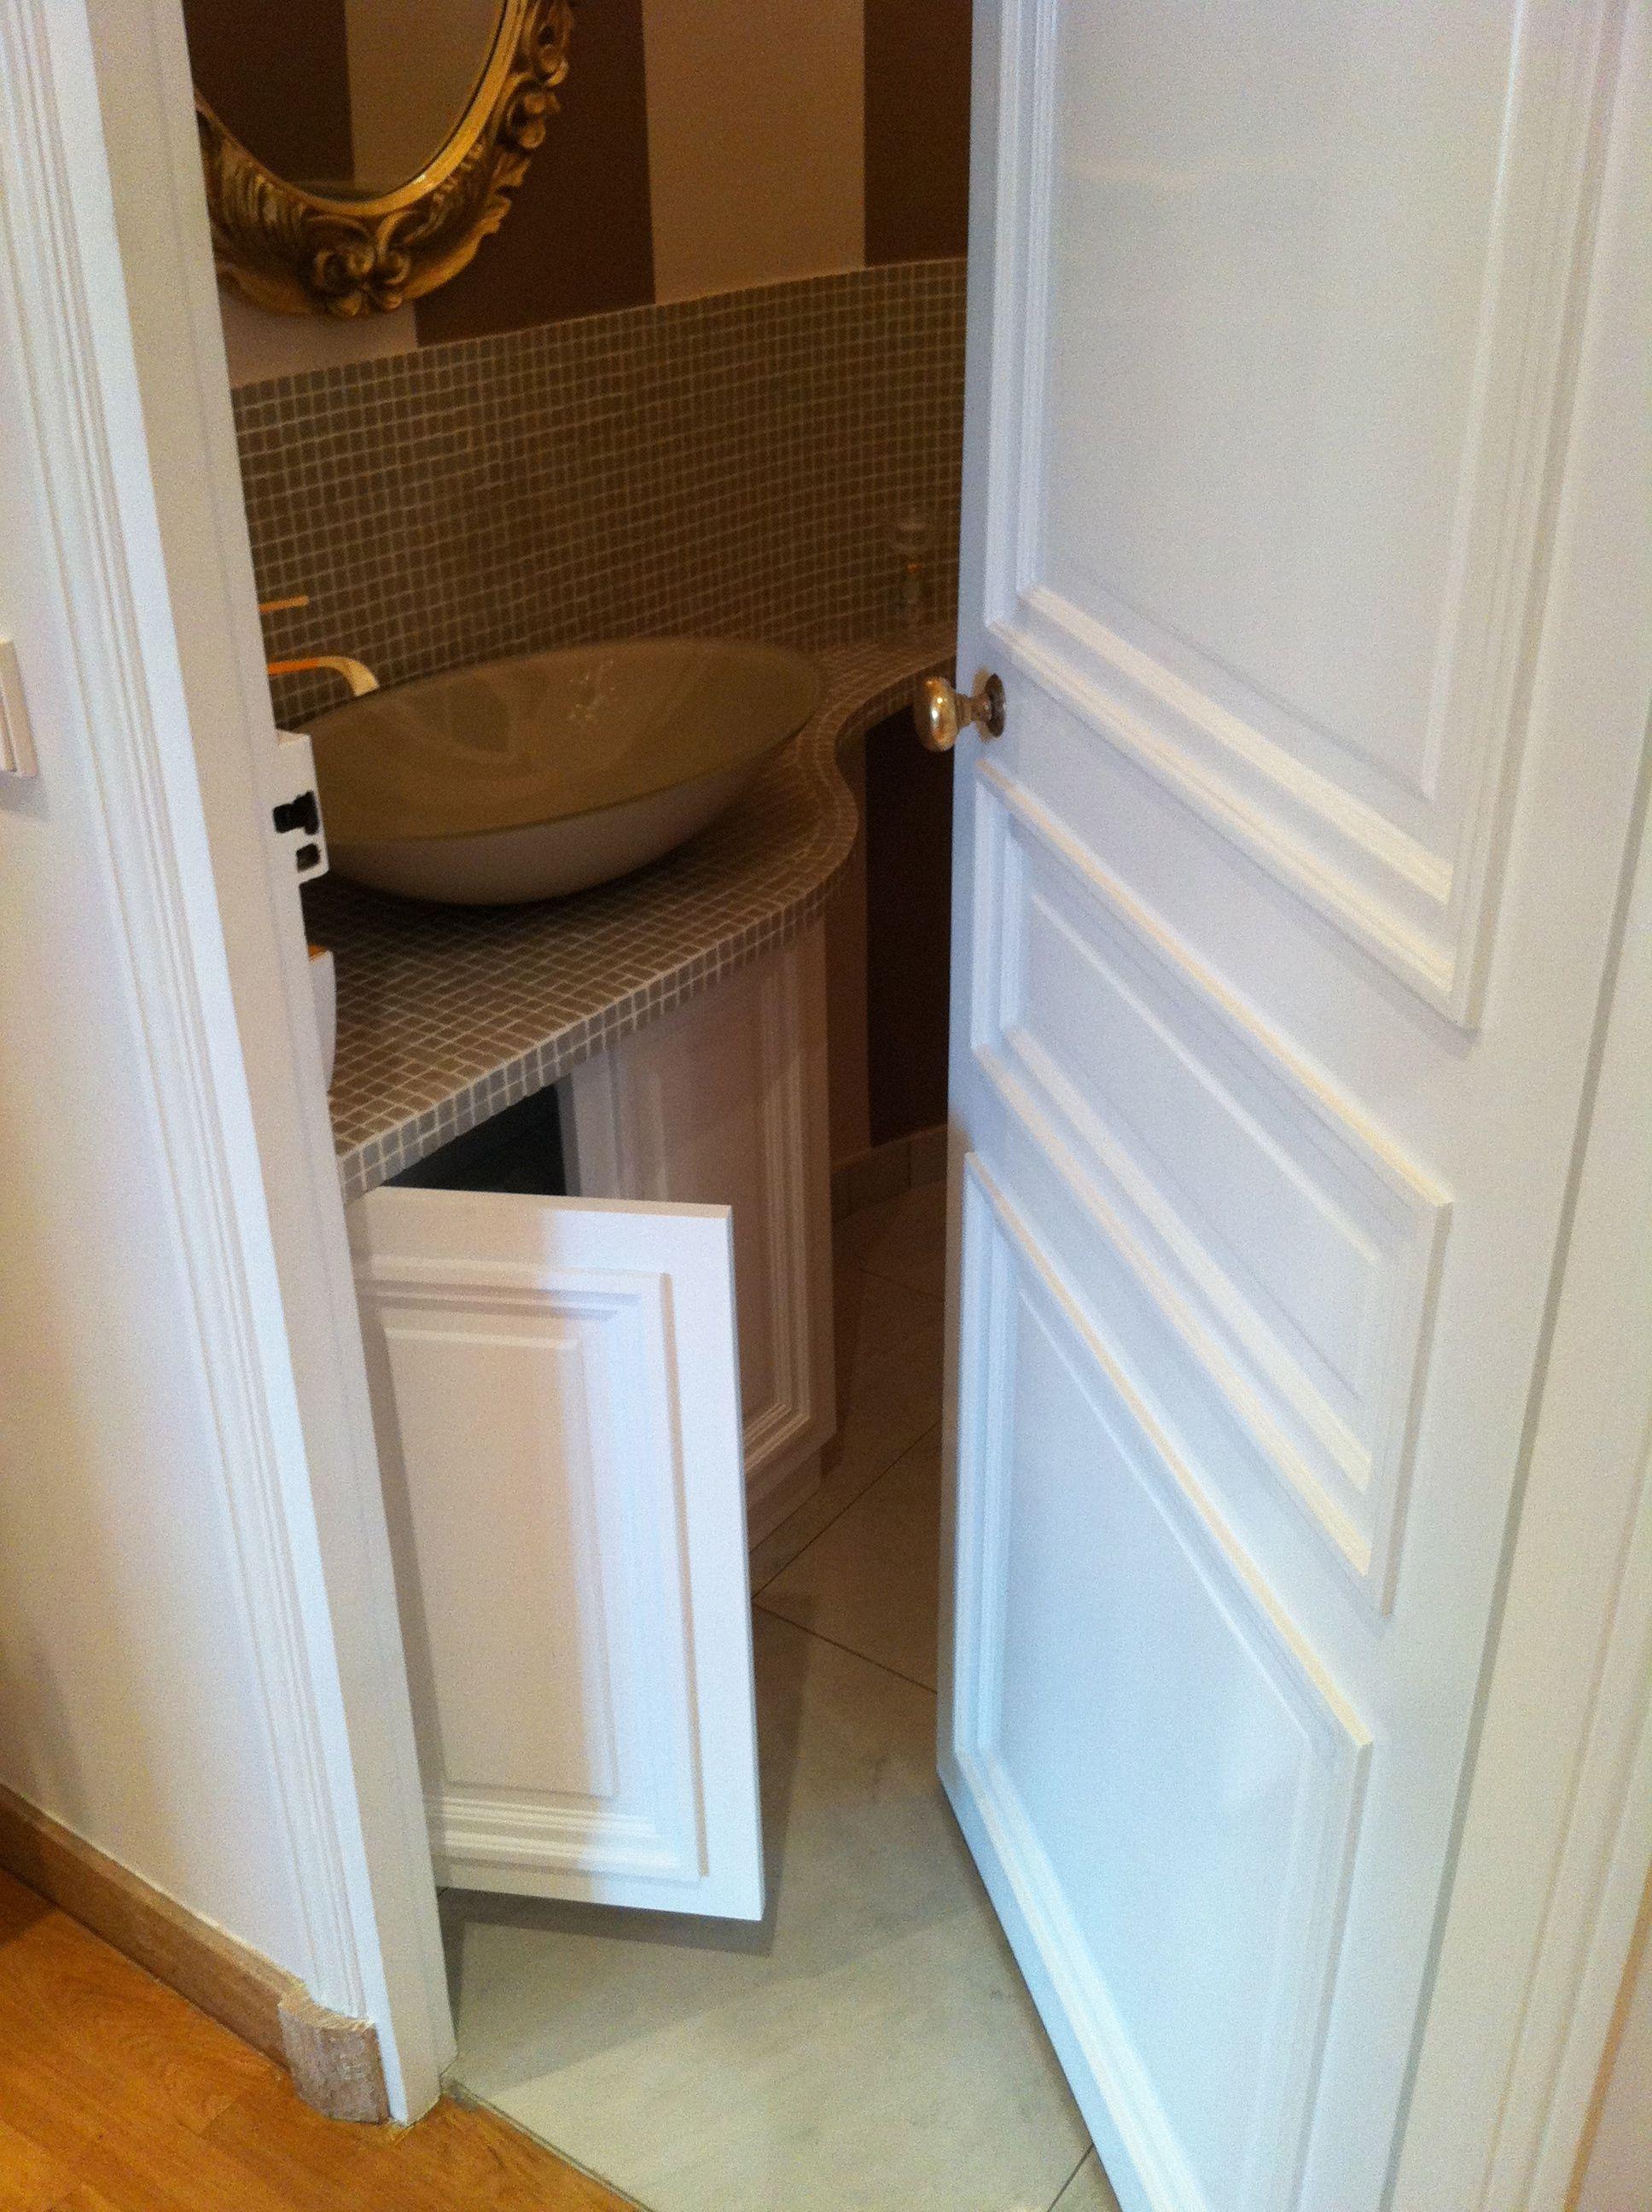 Plan De Toilette Hydrofuge plan de toilette dessiné et réalisé en wedi recouvert de